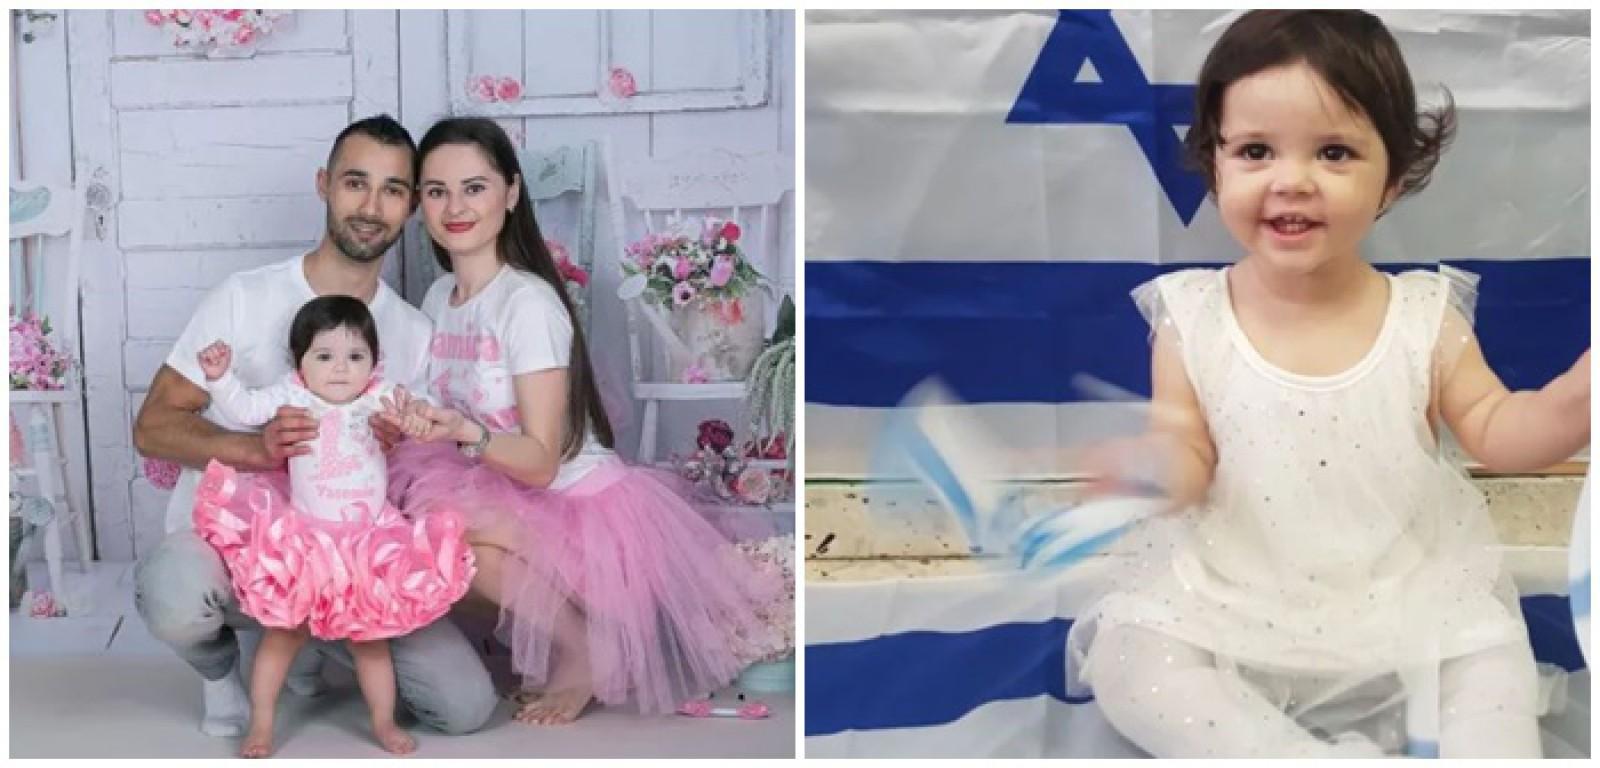 """(video) Părinții fetiței ucise într-o grădiniță au ajuns și în Parlamentul din Israel: """"Știu că acum nu mai putem face nimic să întoarcem copilul nostru"""""""